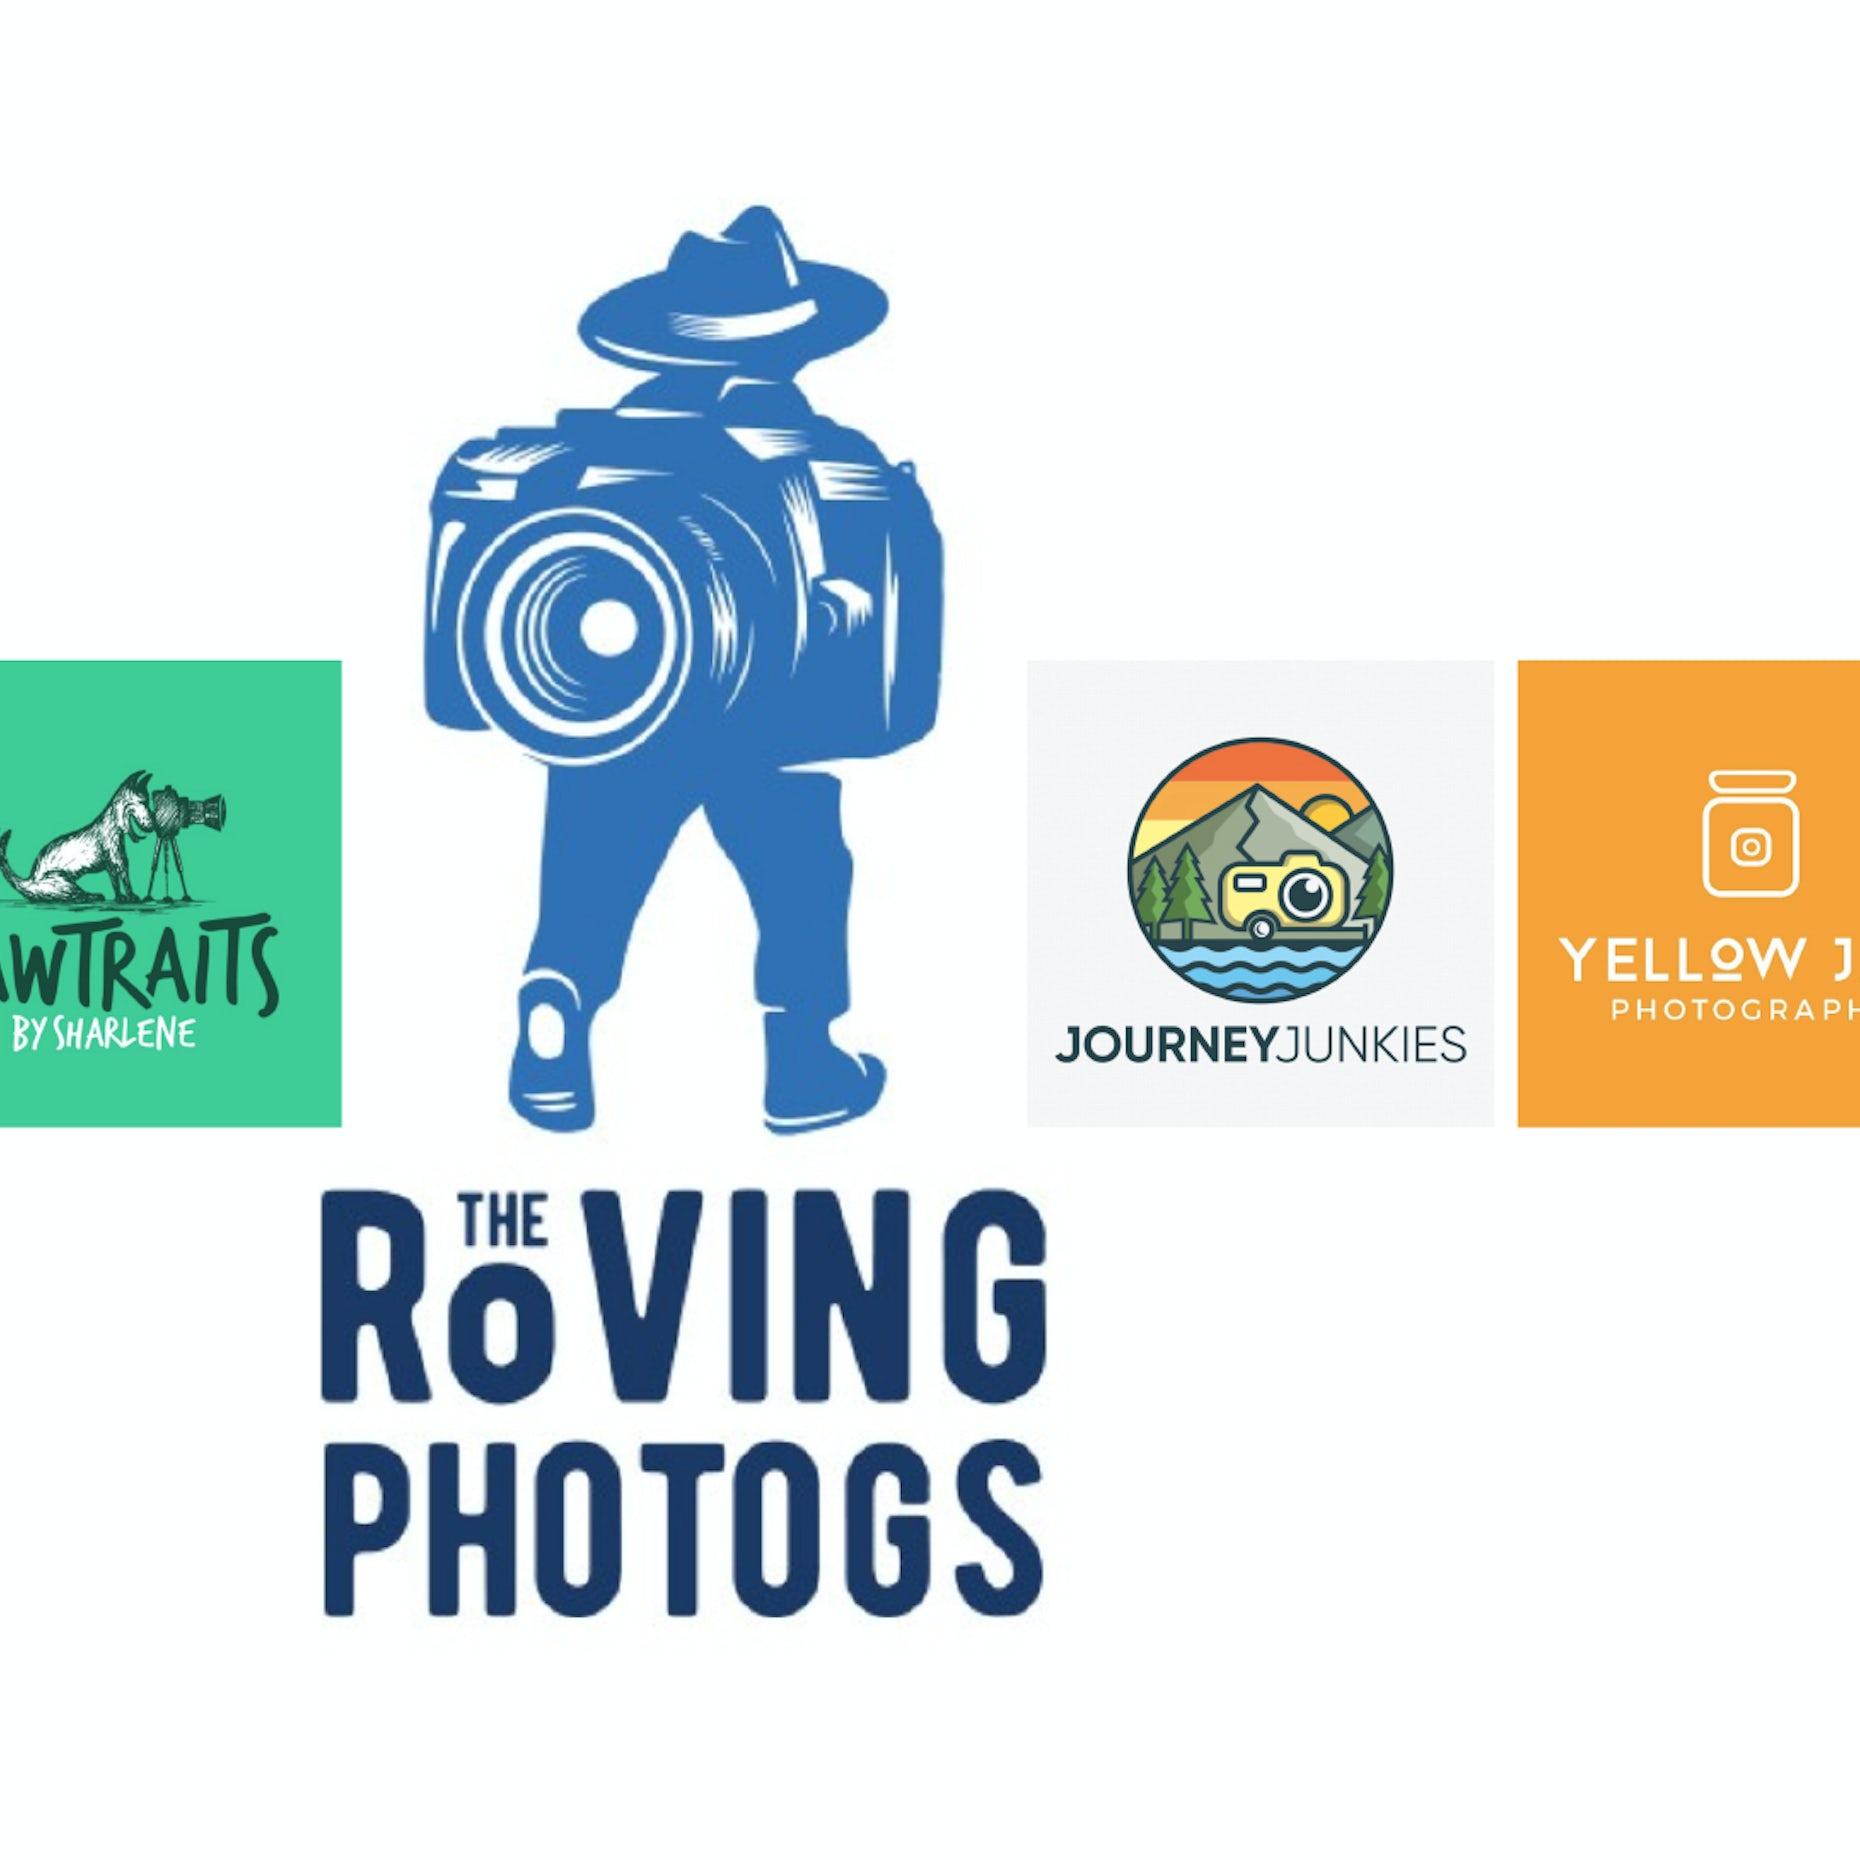 33 photography logos you'll actually remember - Designer Blog